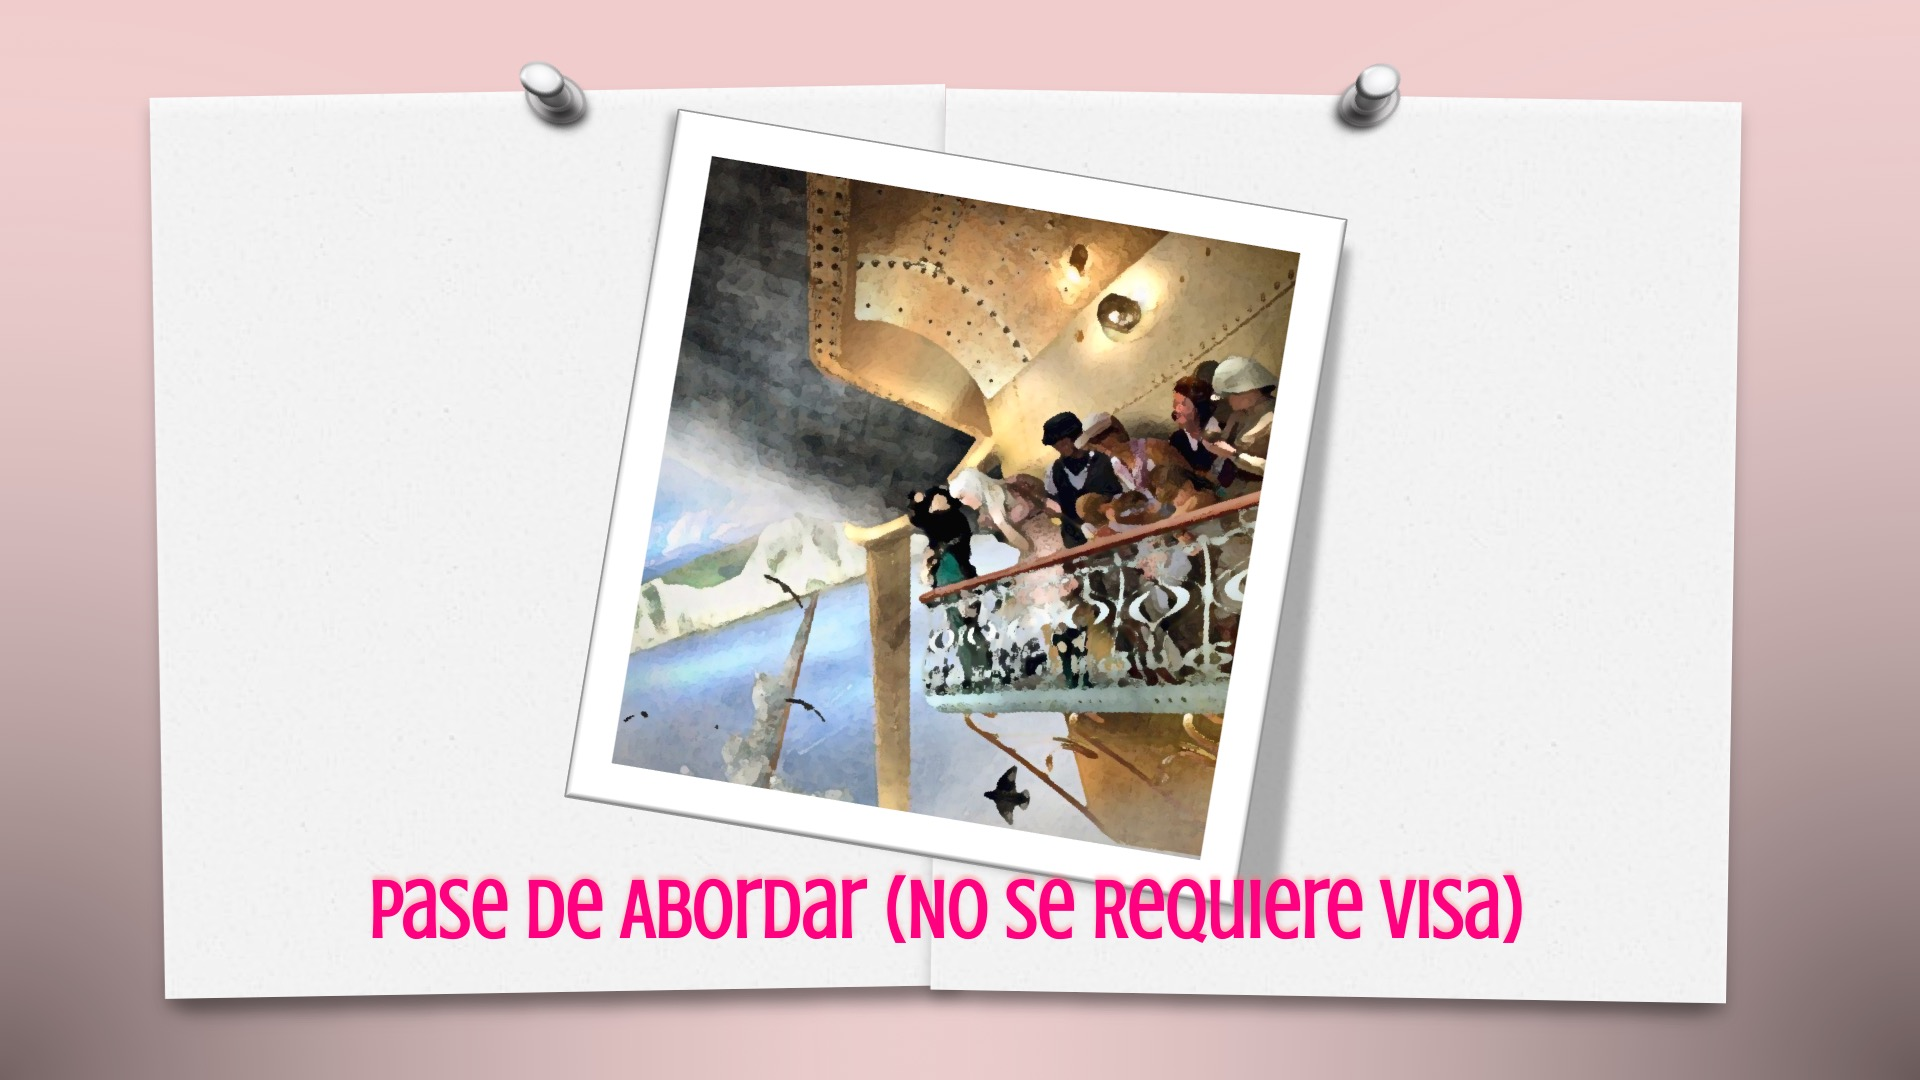 Pase de Abordar (No Se Requiere Visa)